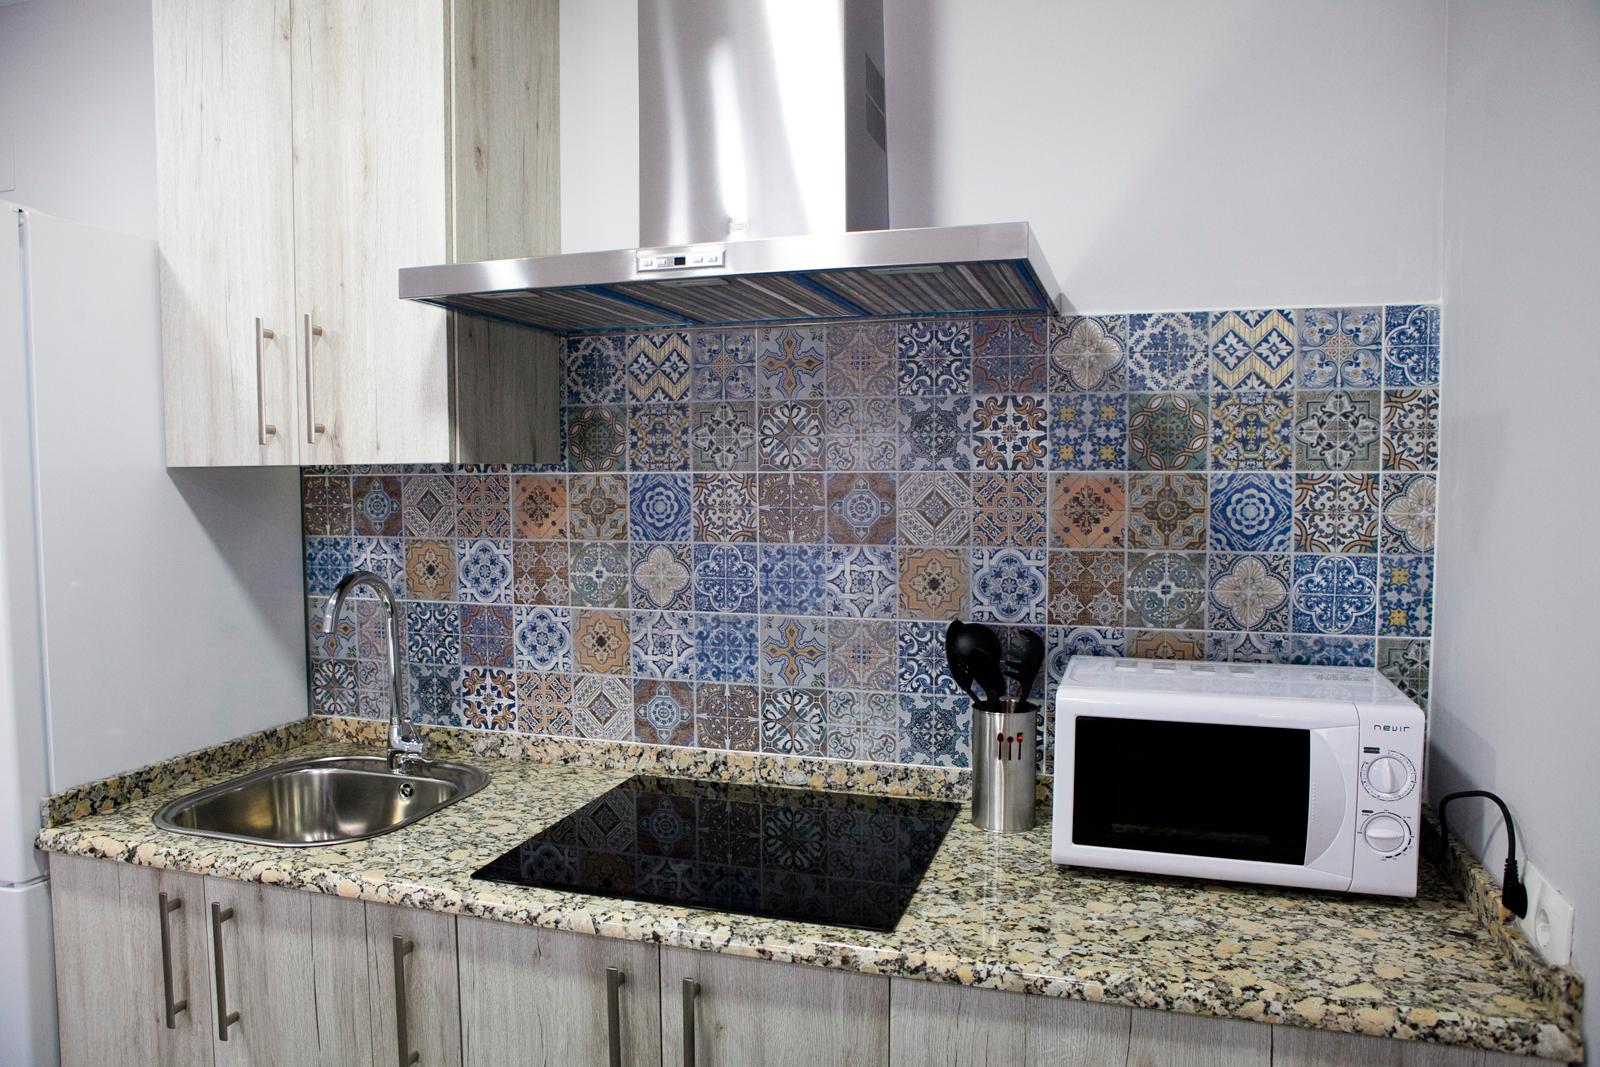 cocina-20883A74D-FB57-960D-C238-768A28C6B3C2.jpg